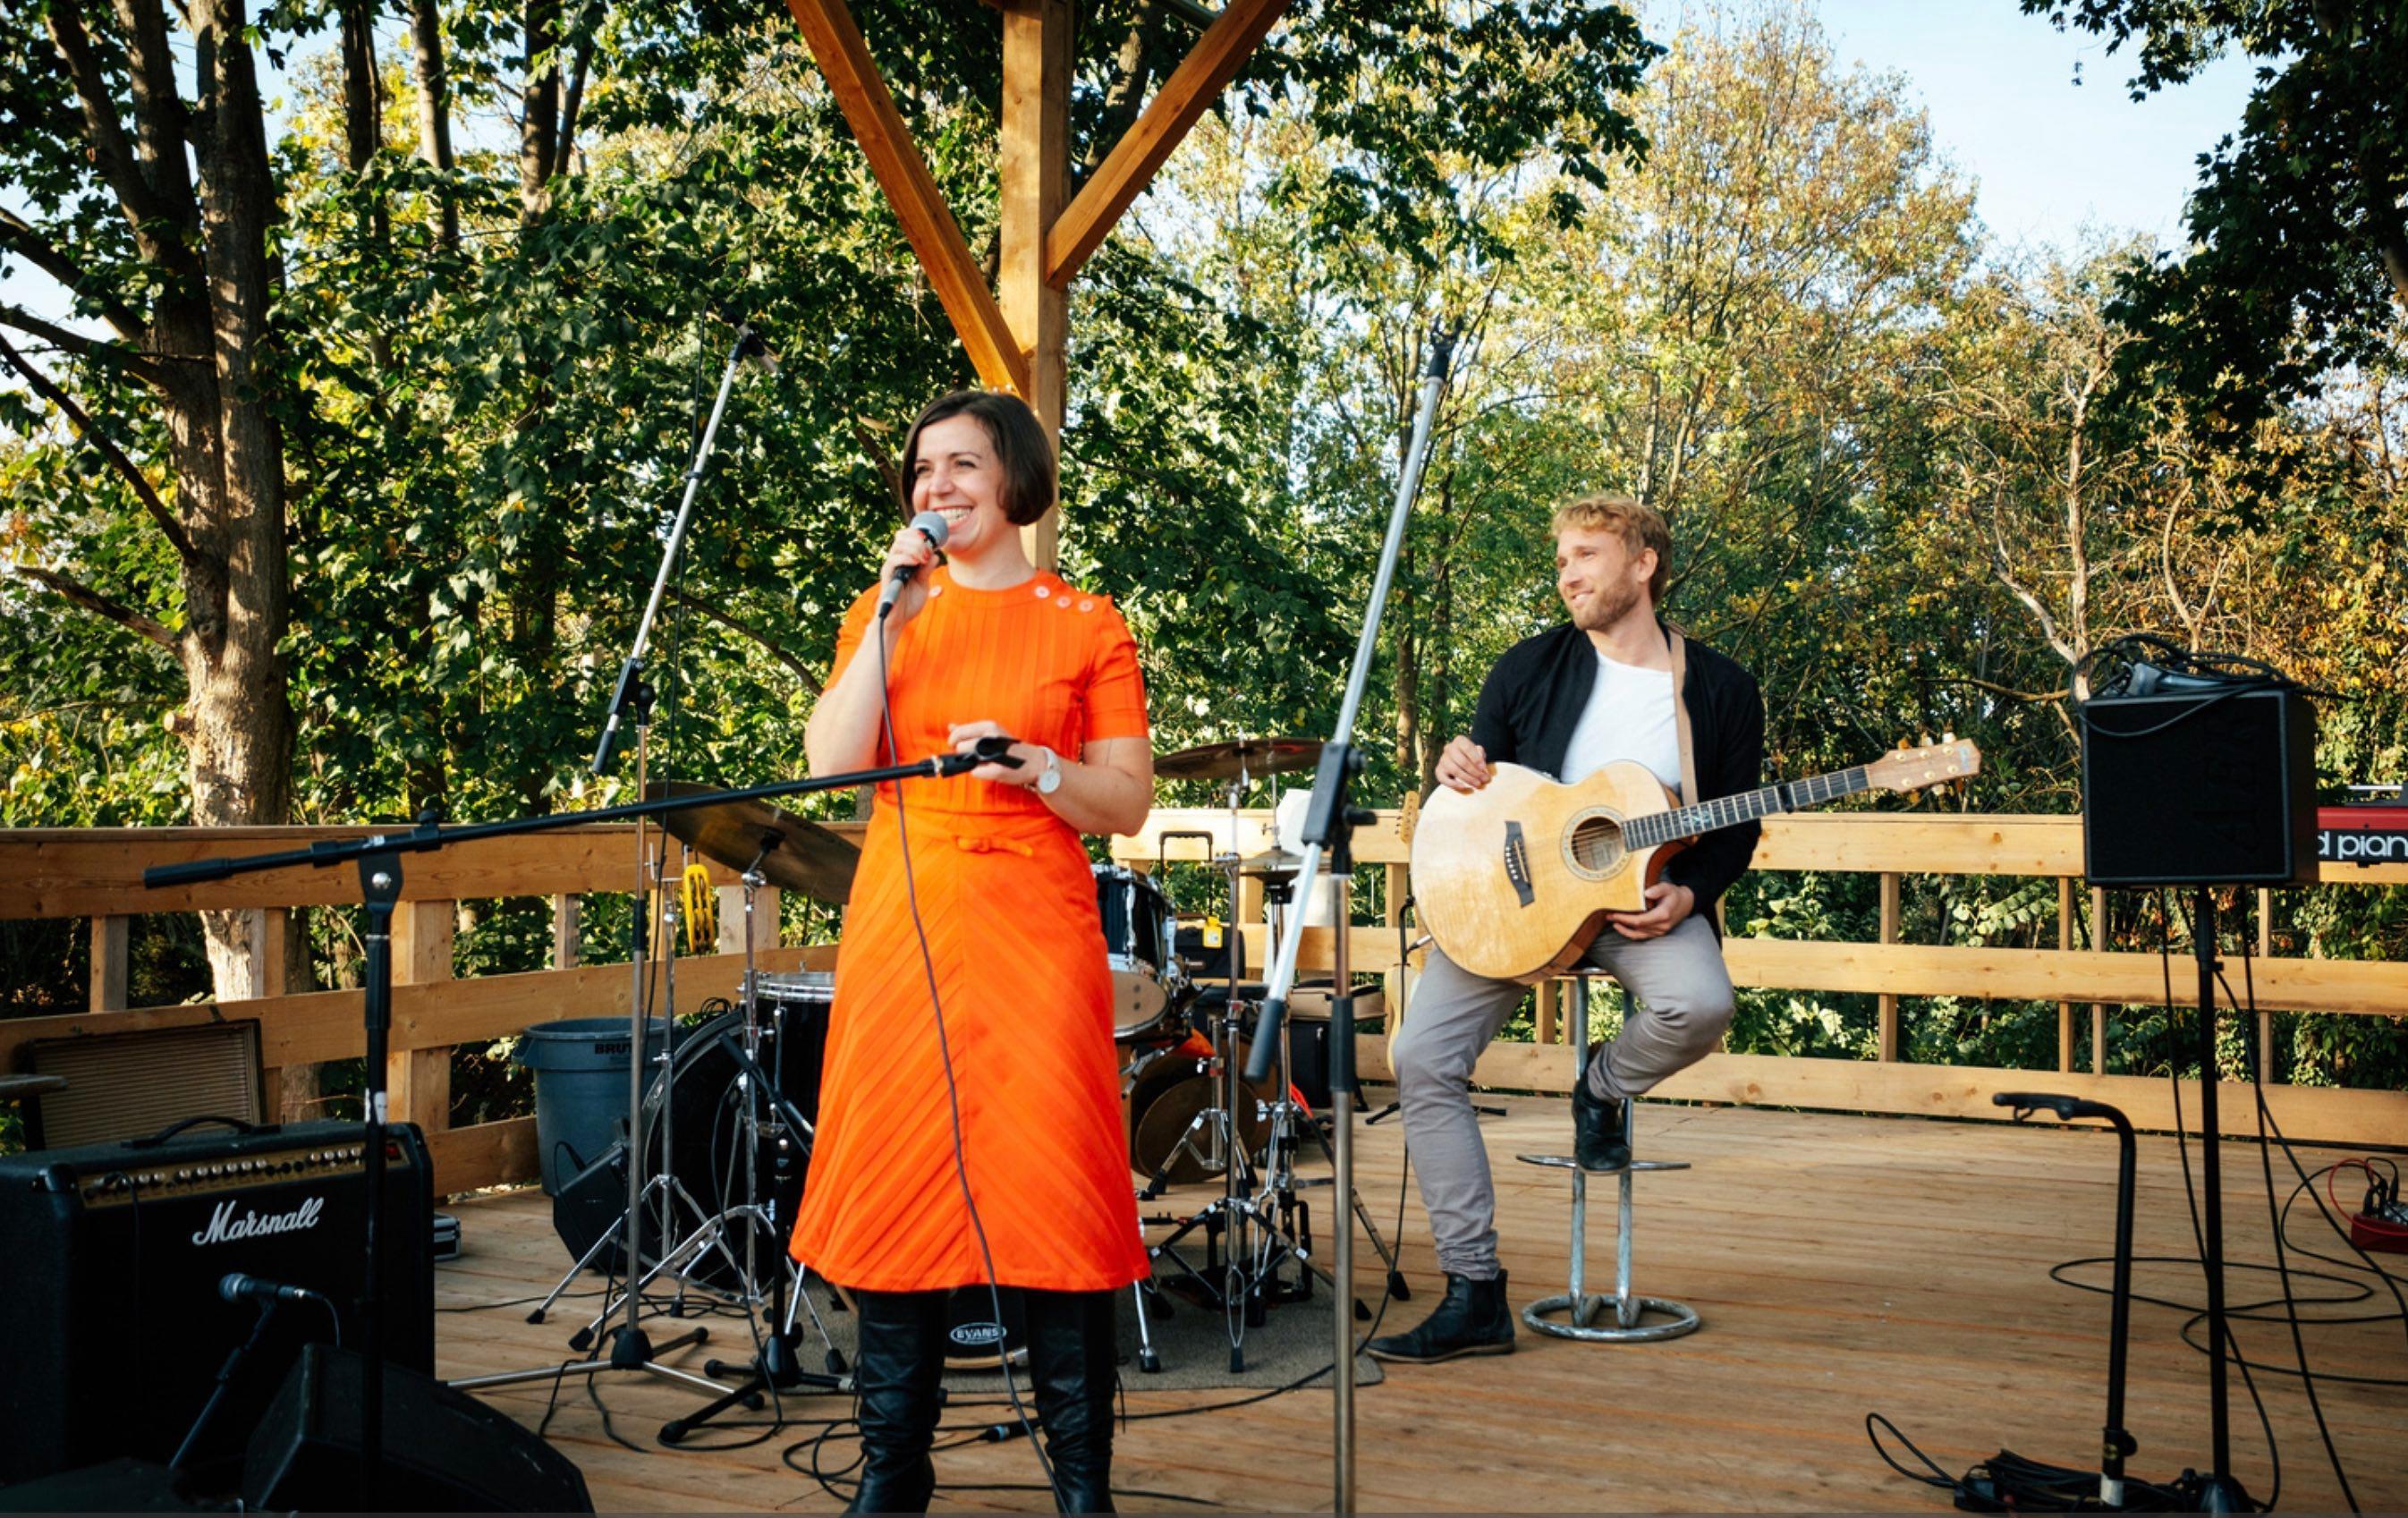 Eine Frau und ein Mann die auf einer Bühne stehen und etwas präsentieren